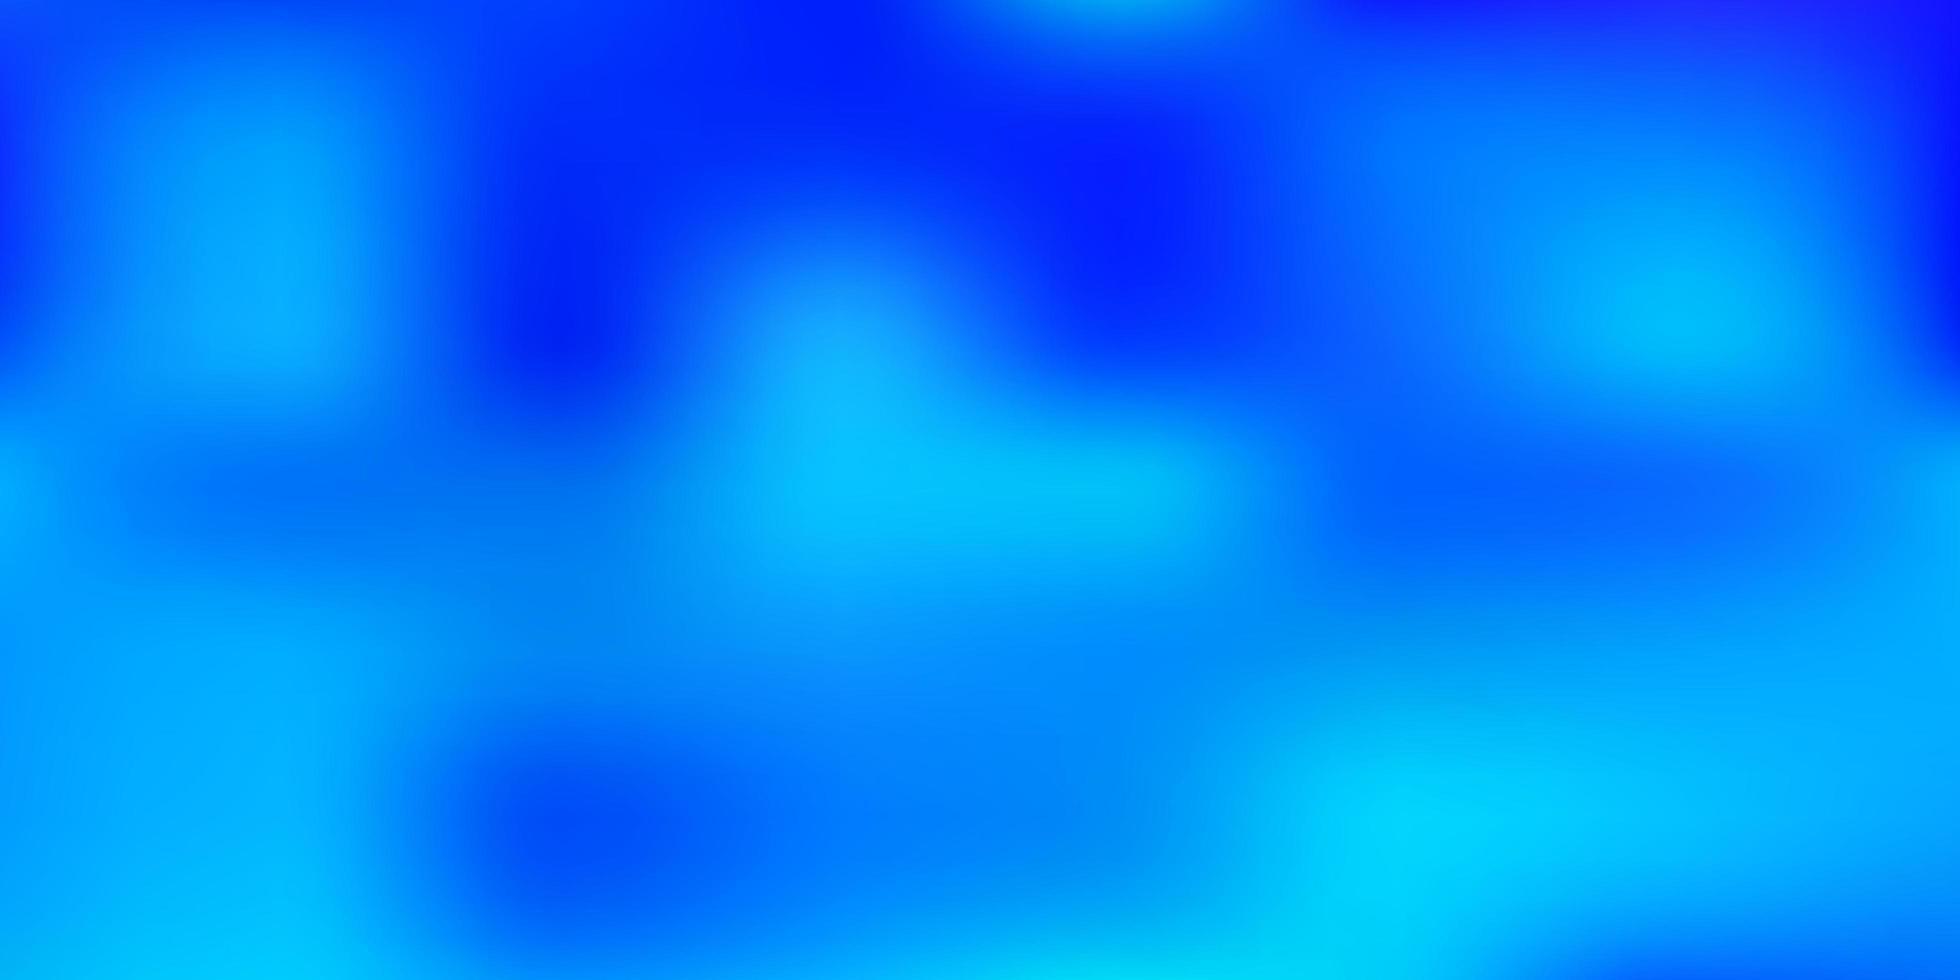 ljusrosa, blå vektor suddig mall.